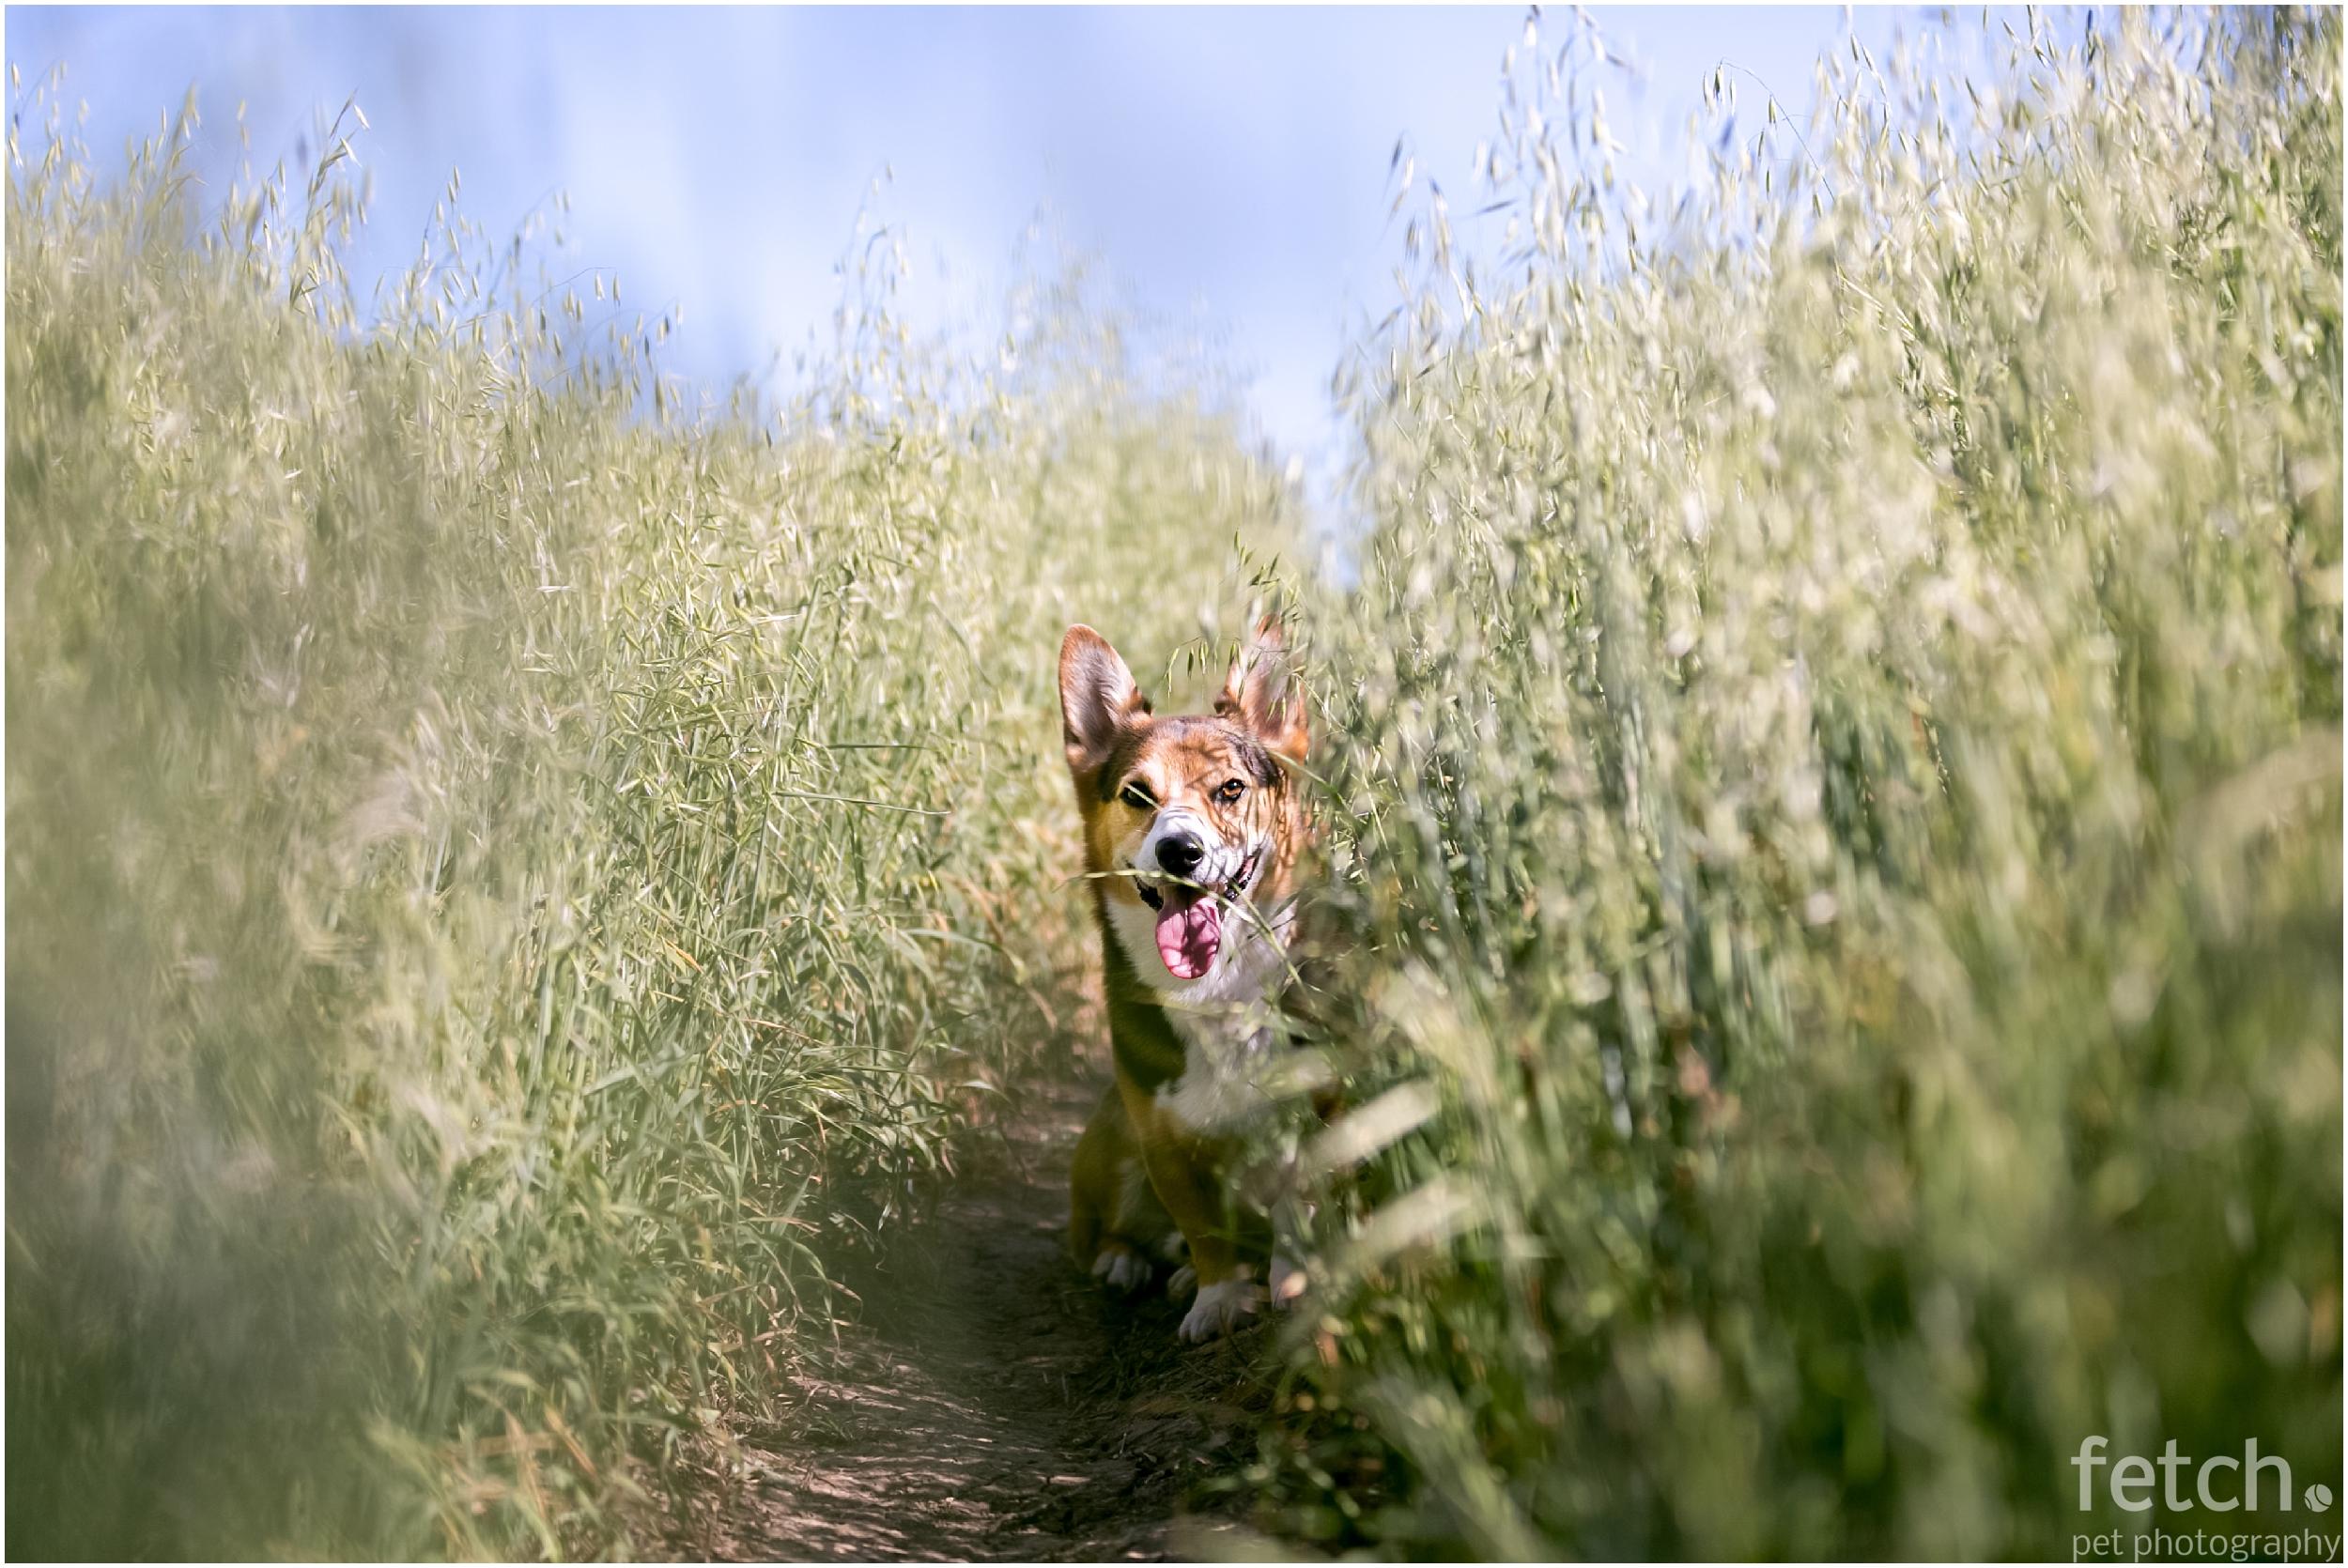 small-corgi-grass-field